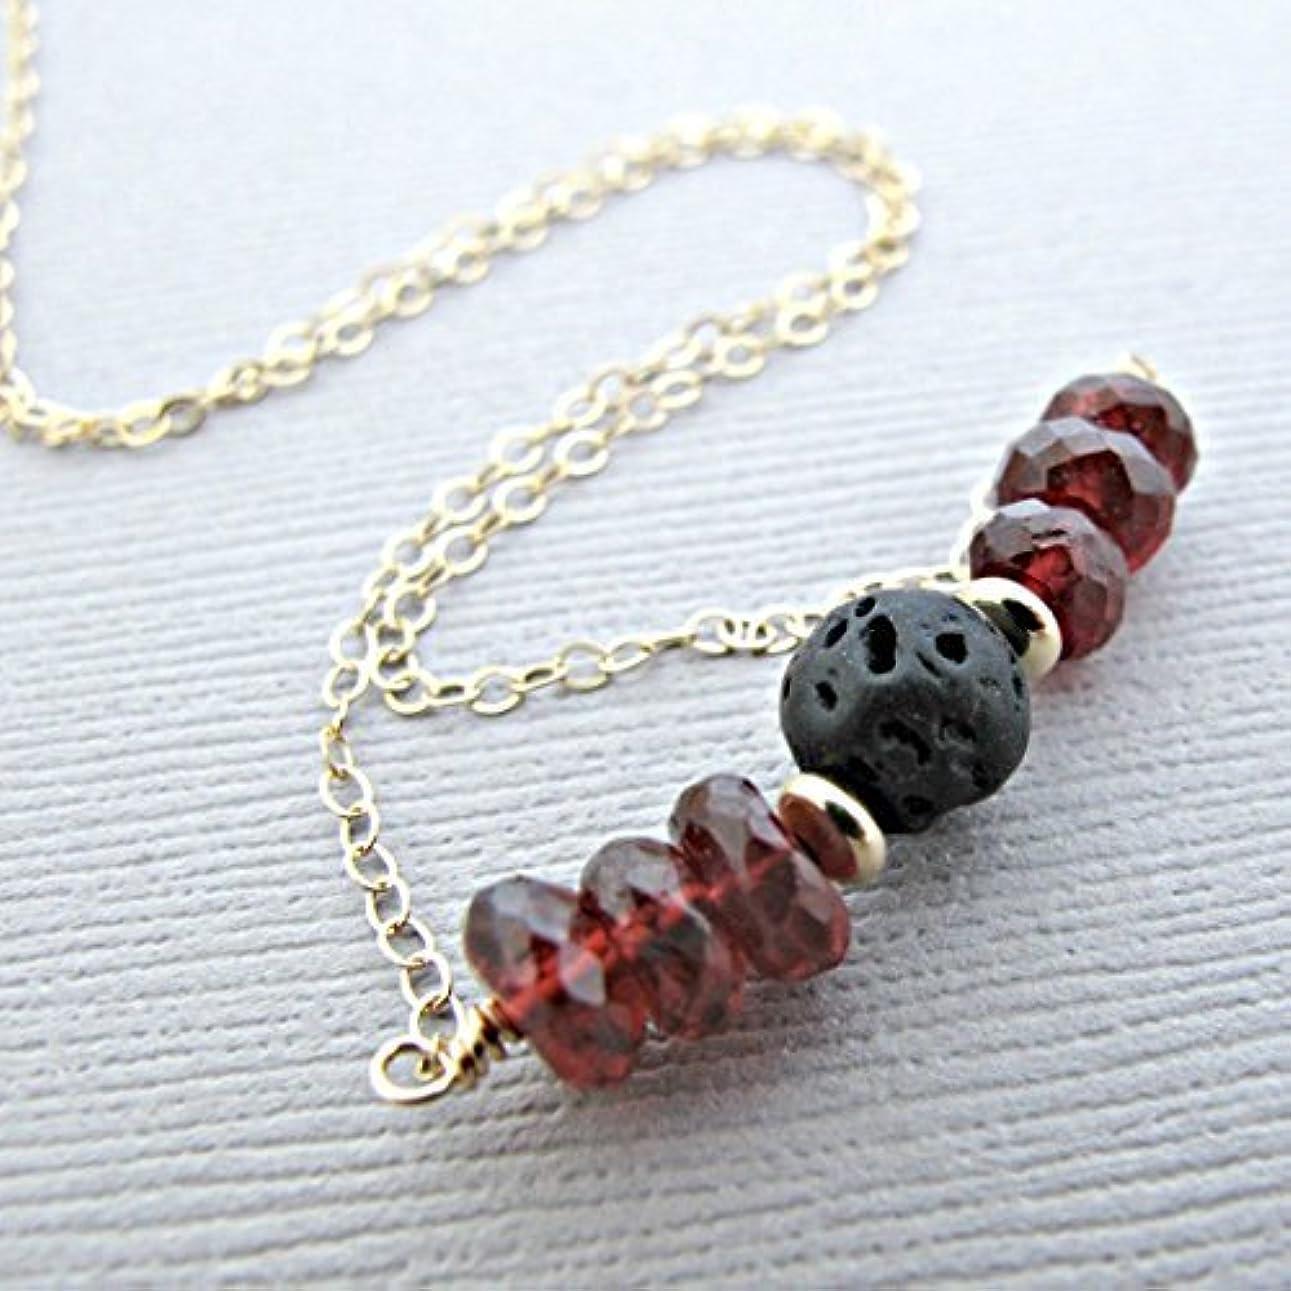 ふさわしい触手飽和するGarnet Lava Pendant Essential Oil Necklace Diffuser Aromatherapy - Simple Minimalist Lava Bead Diffuser Necklace...